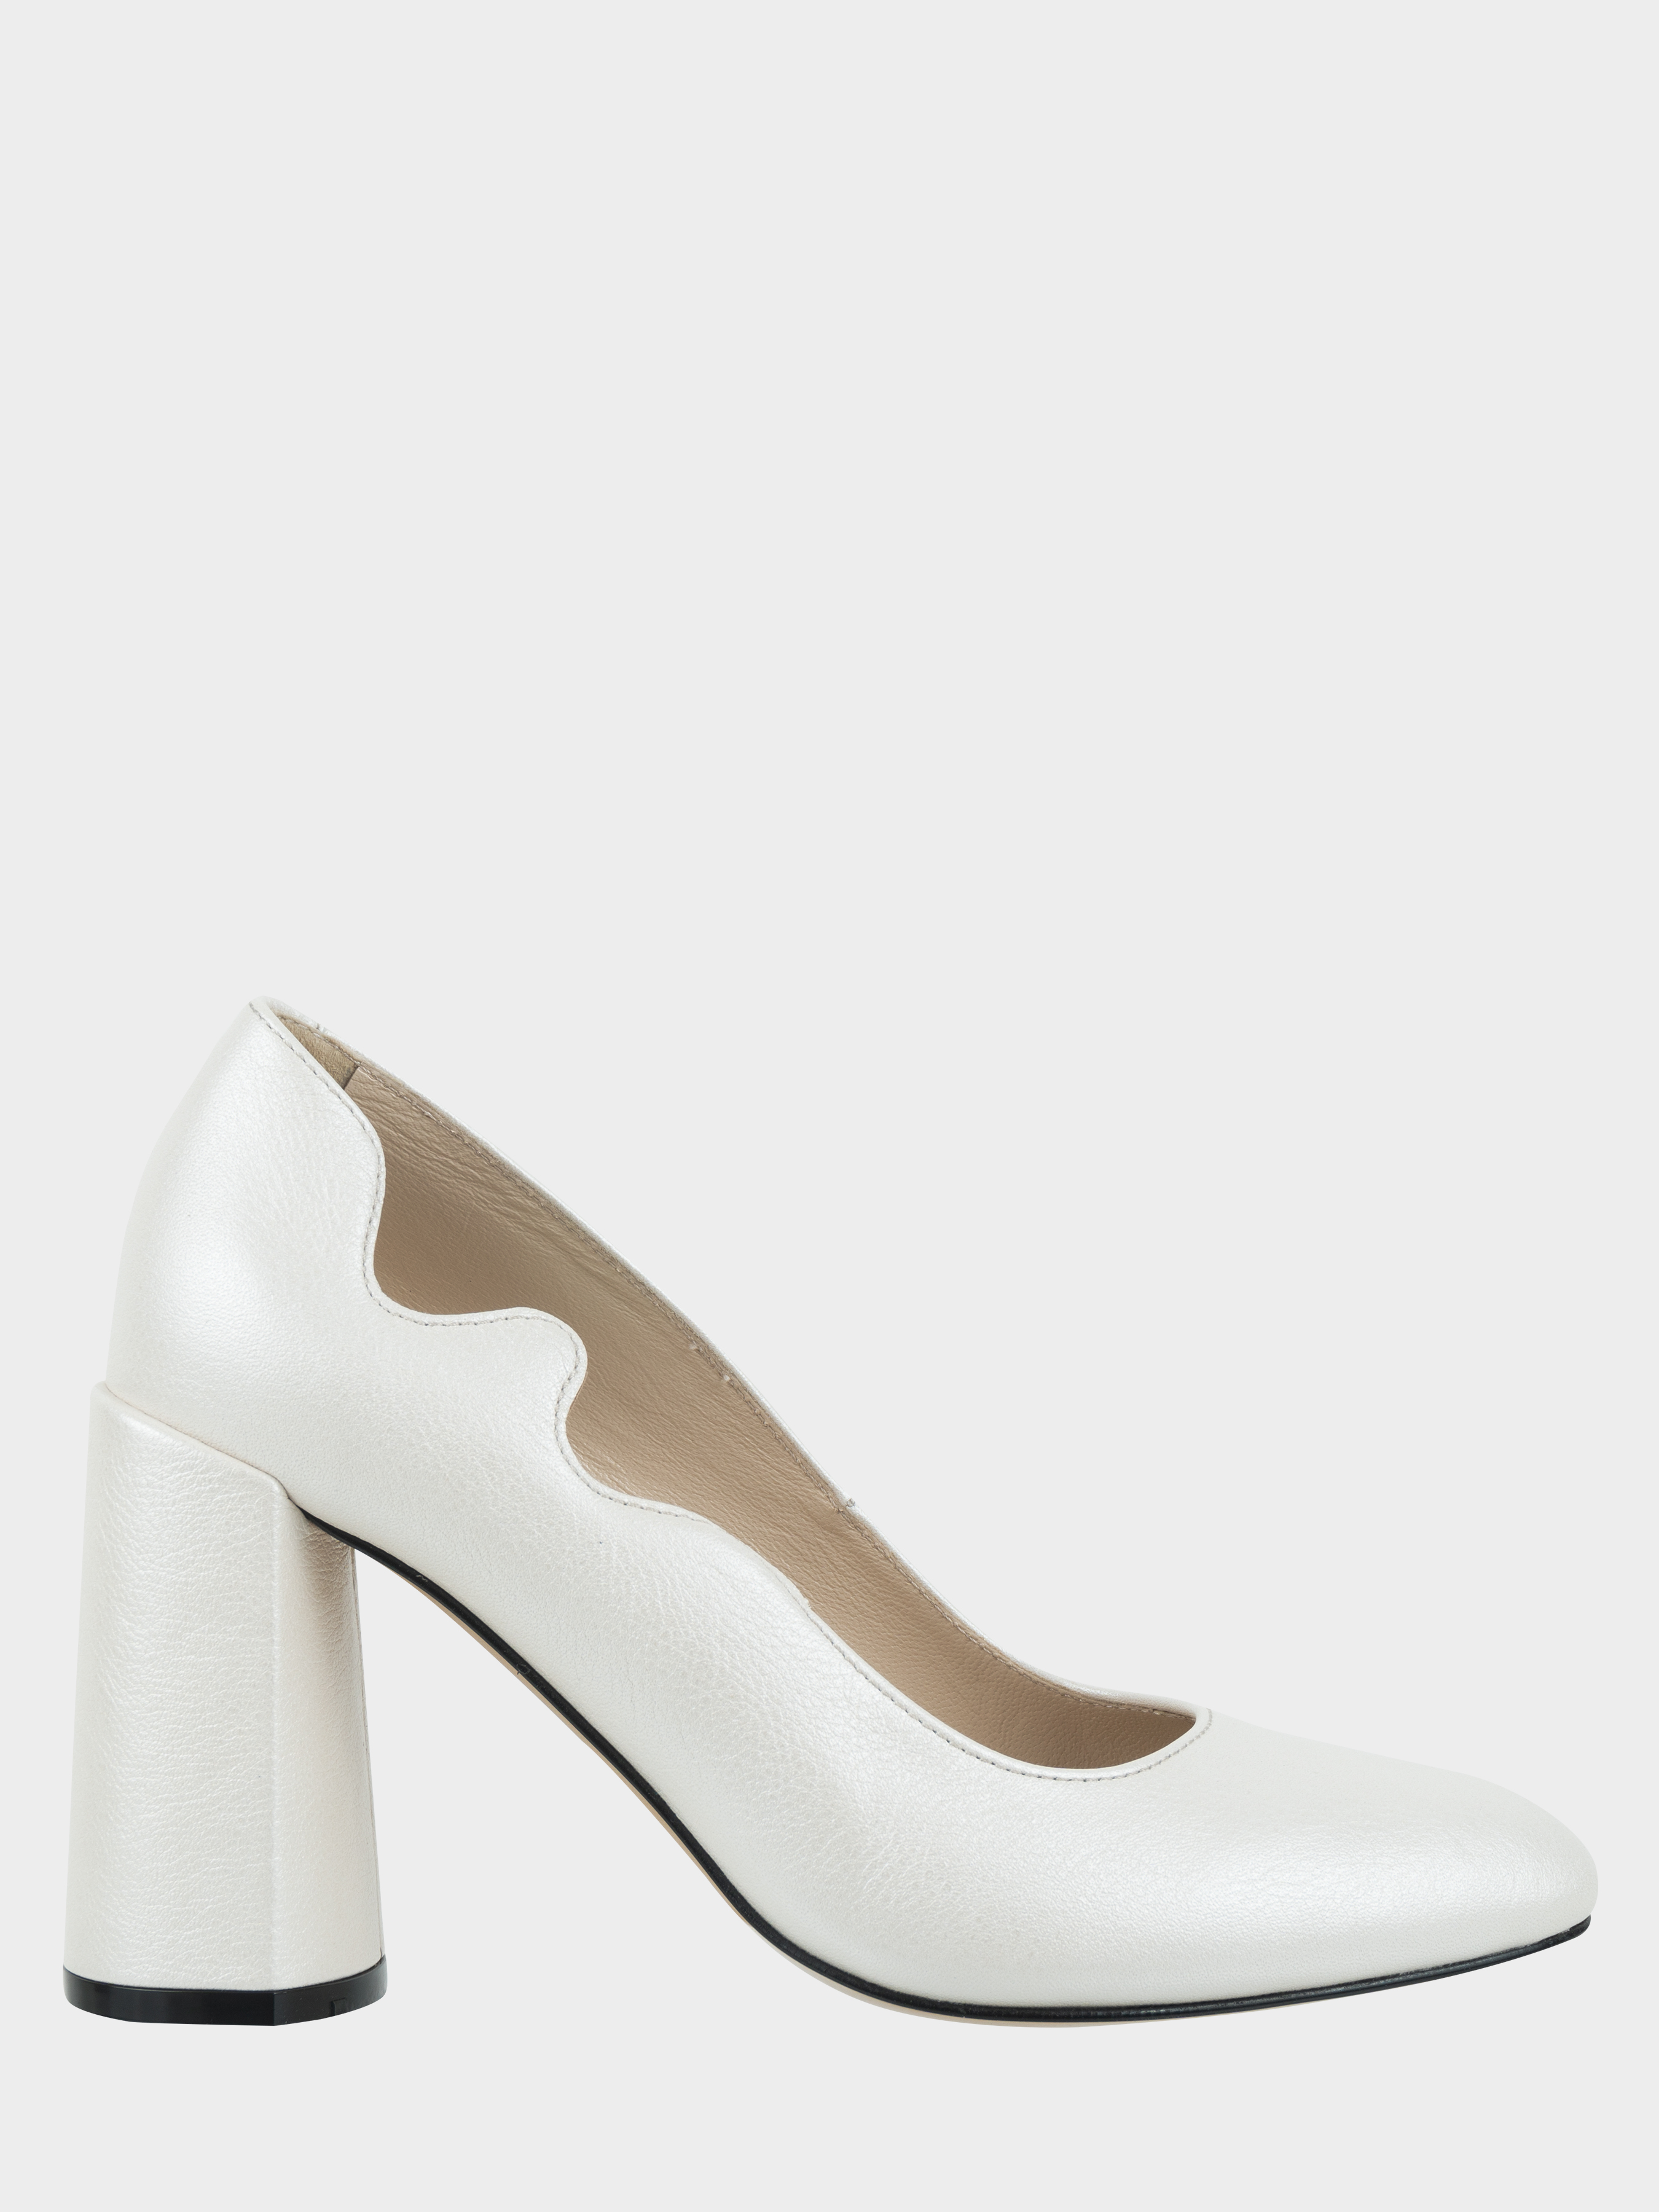 Купить Туфли женские Лодочки Волна кожа белые толстый каблук 100197, Fatyanova, Белый